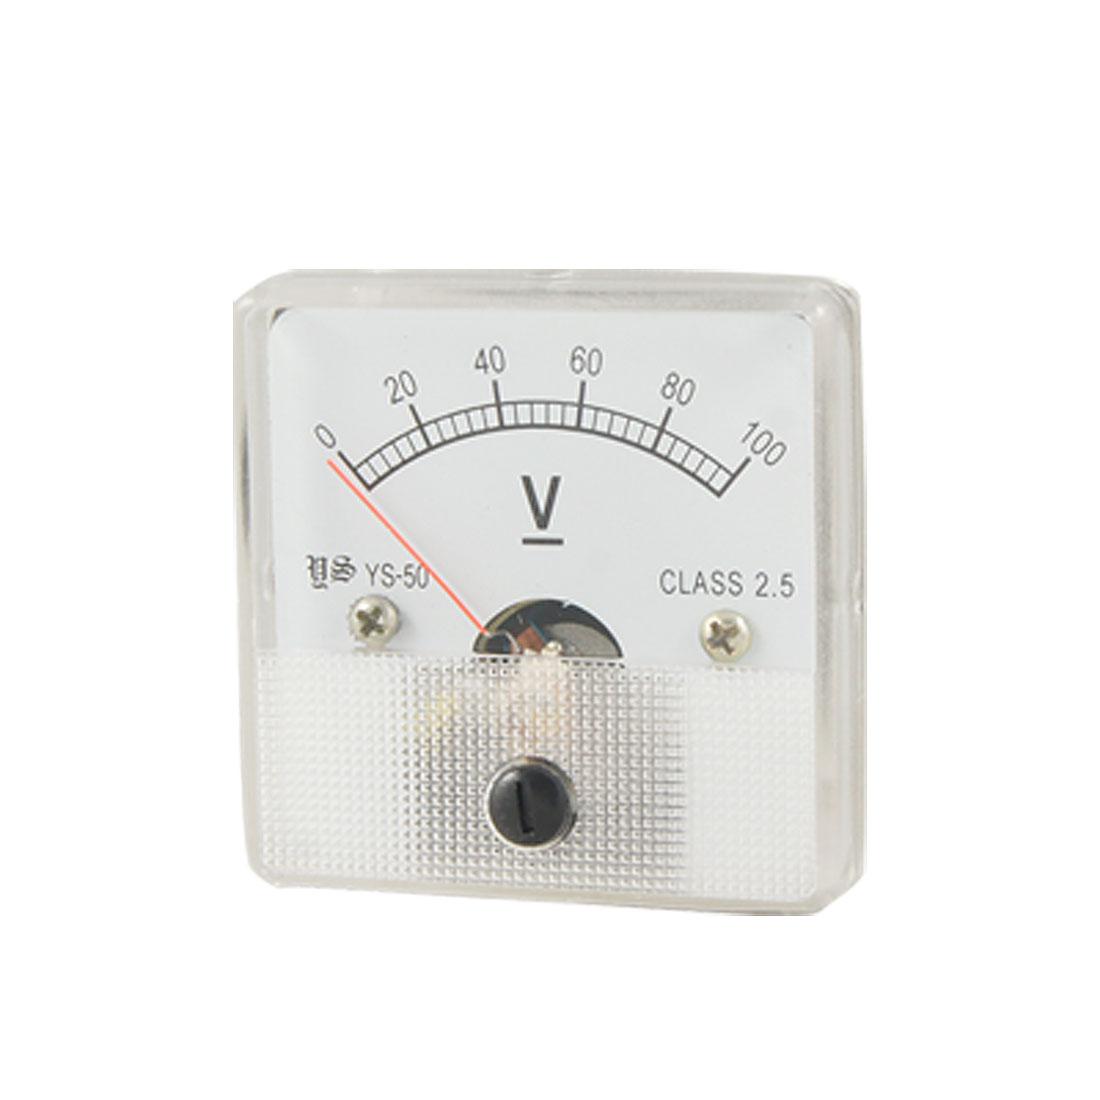 YS-50 Analog Voltage Volt Panel Meter DC 0-100V Voltmeter